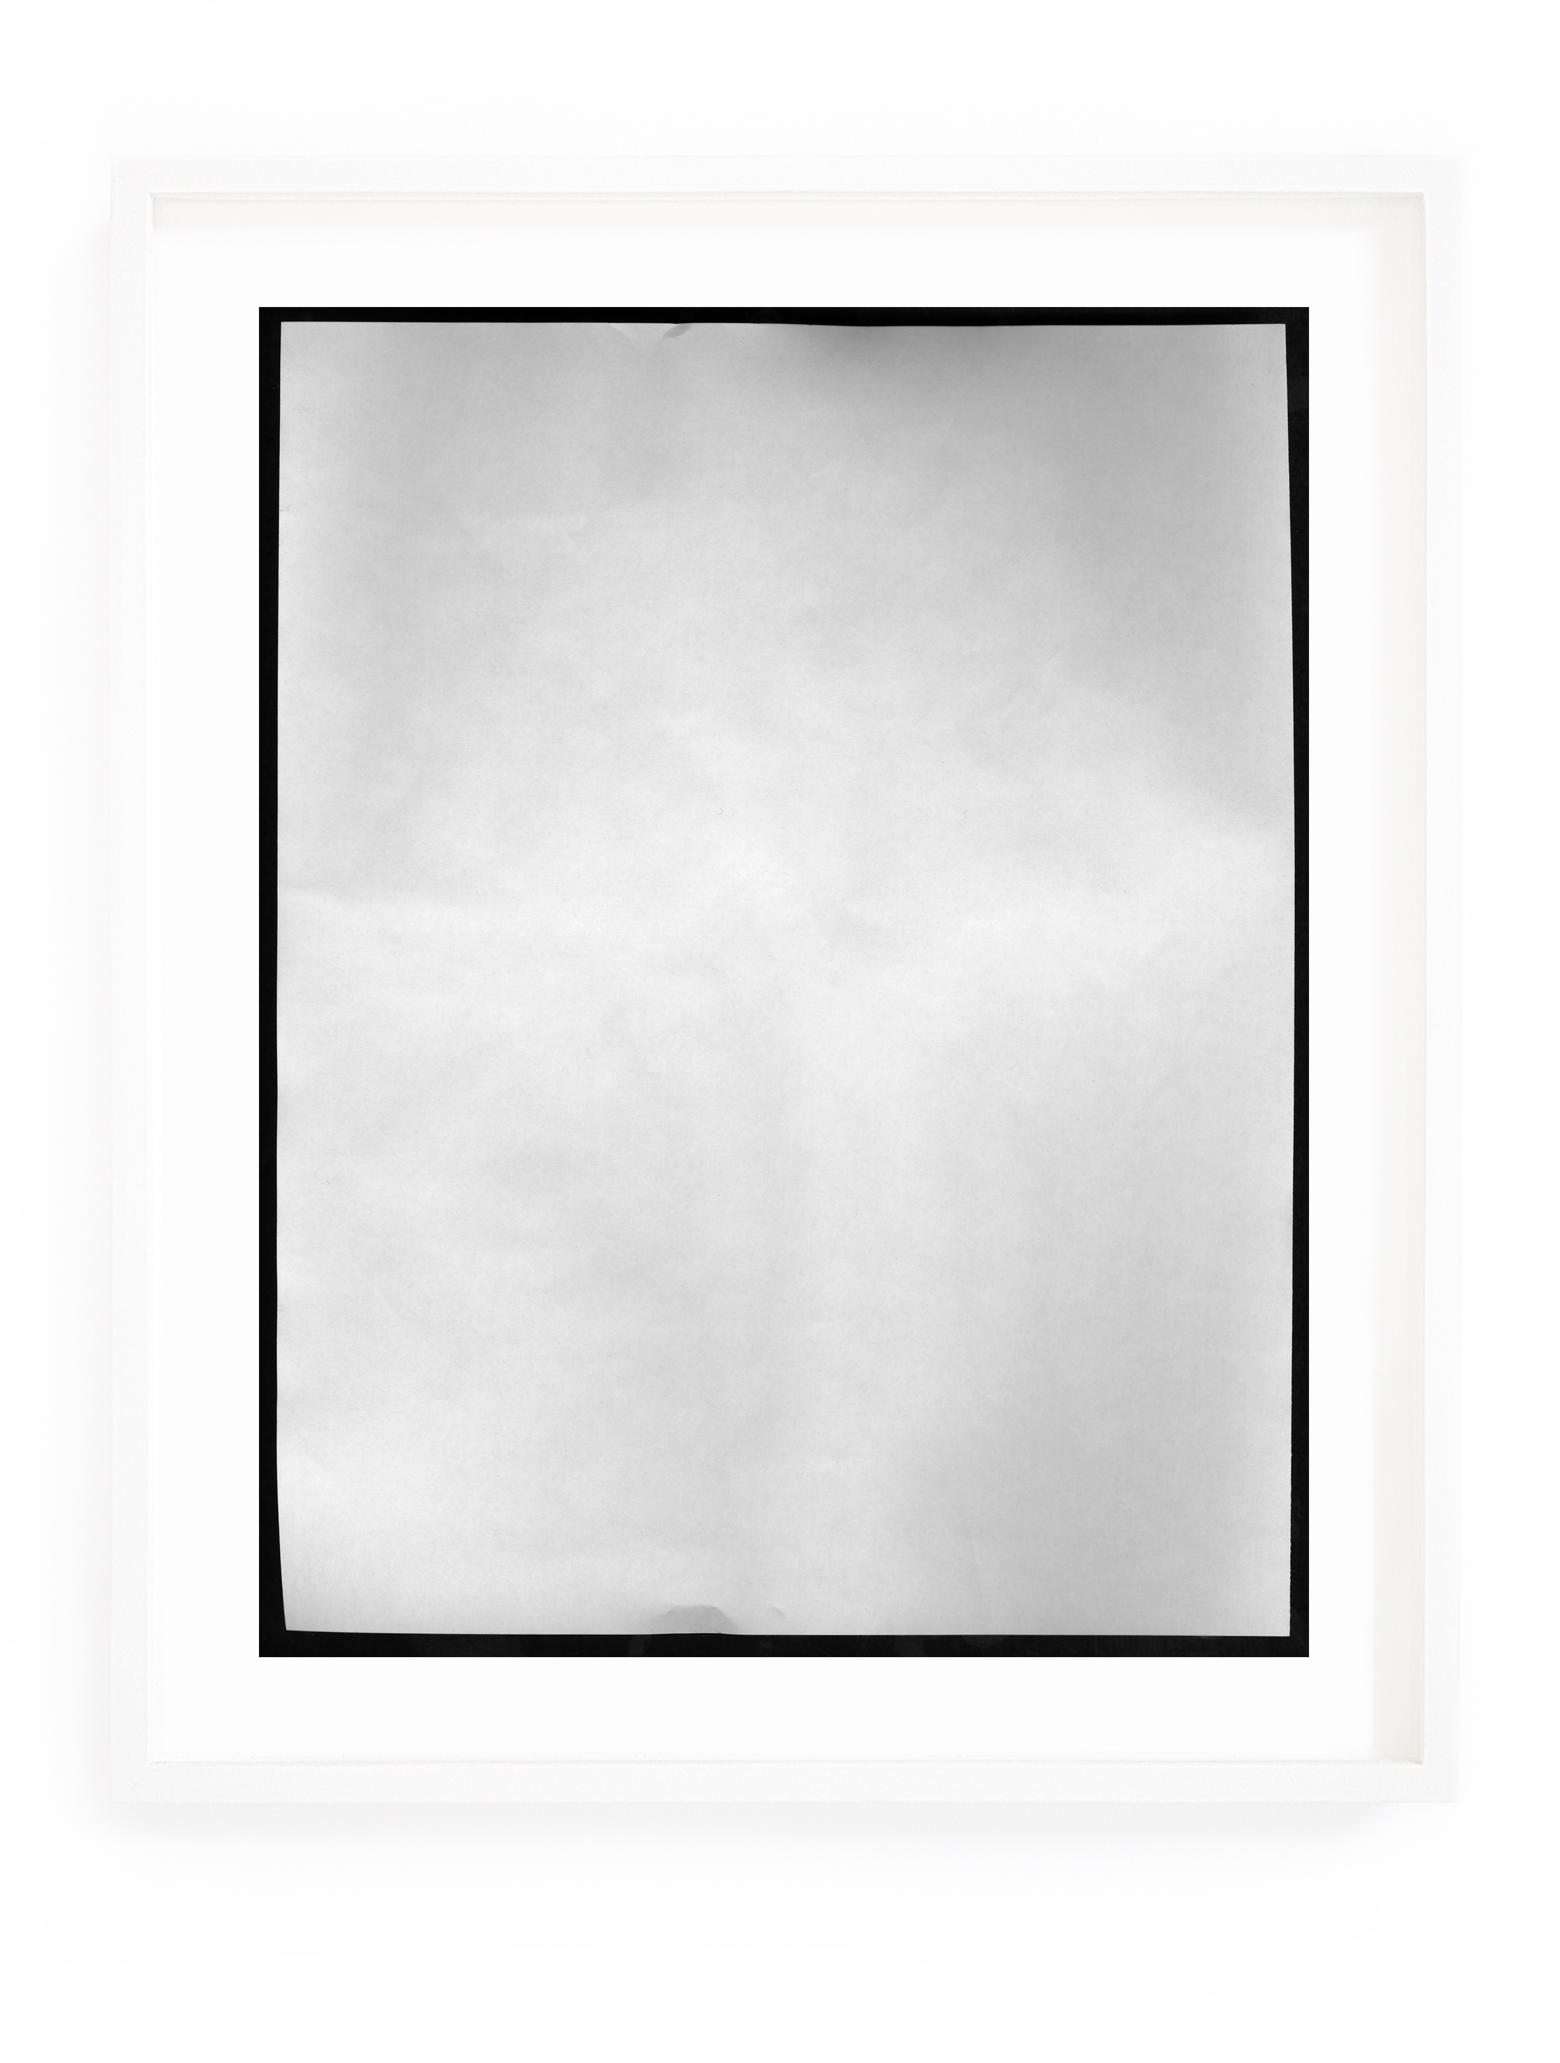 05(08)_17x13x300_framed.jpg